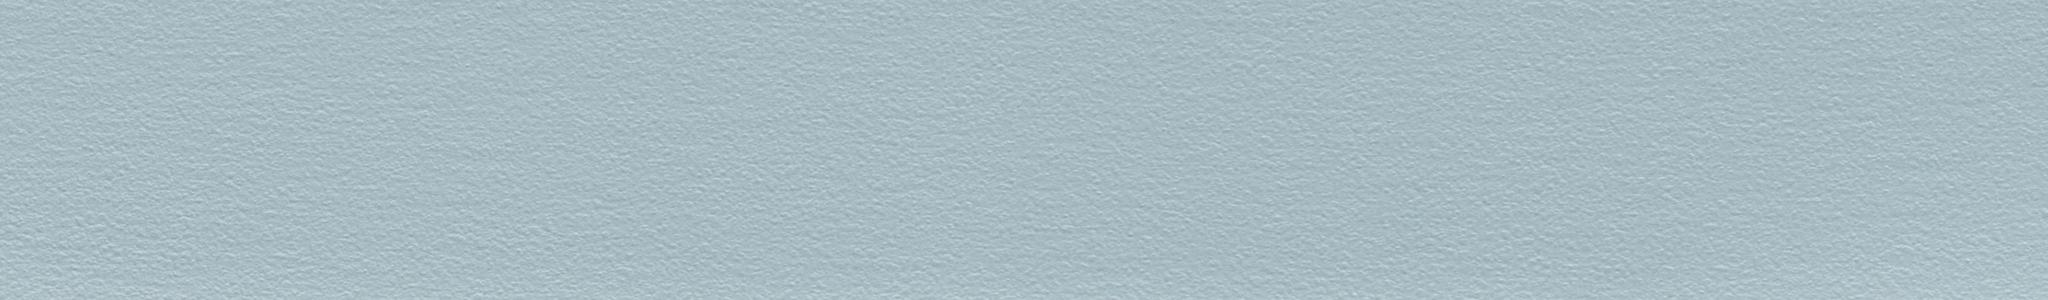 HU 154435 ABS Edge Blue Soft Pearl 107